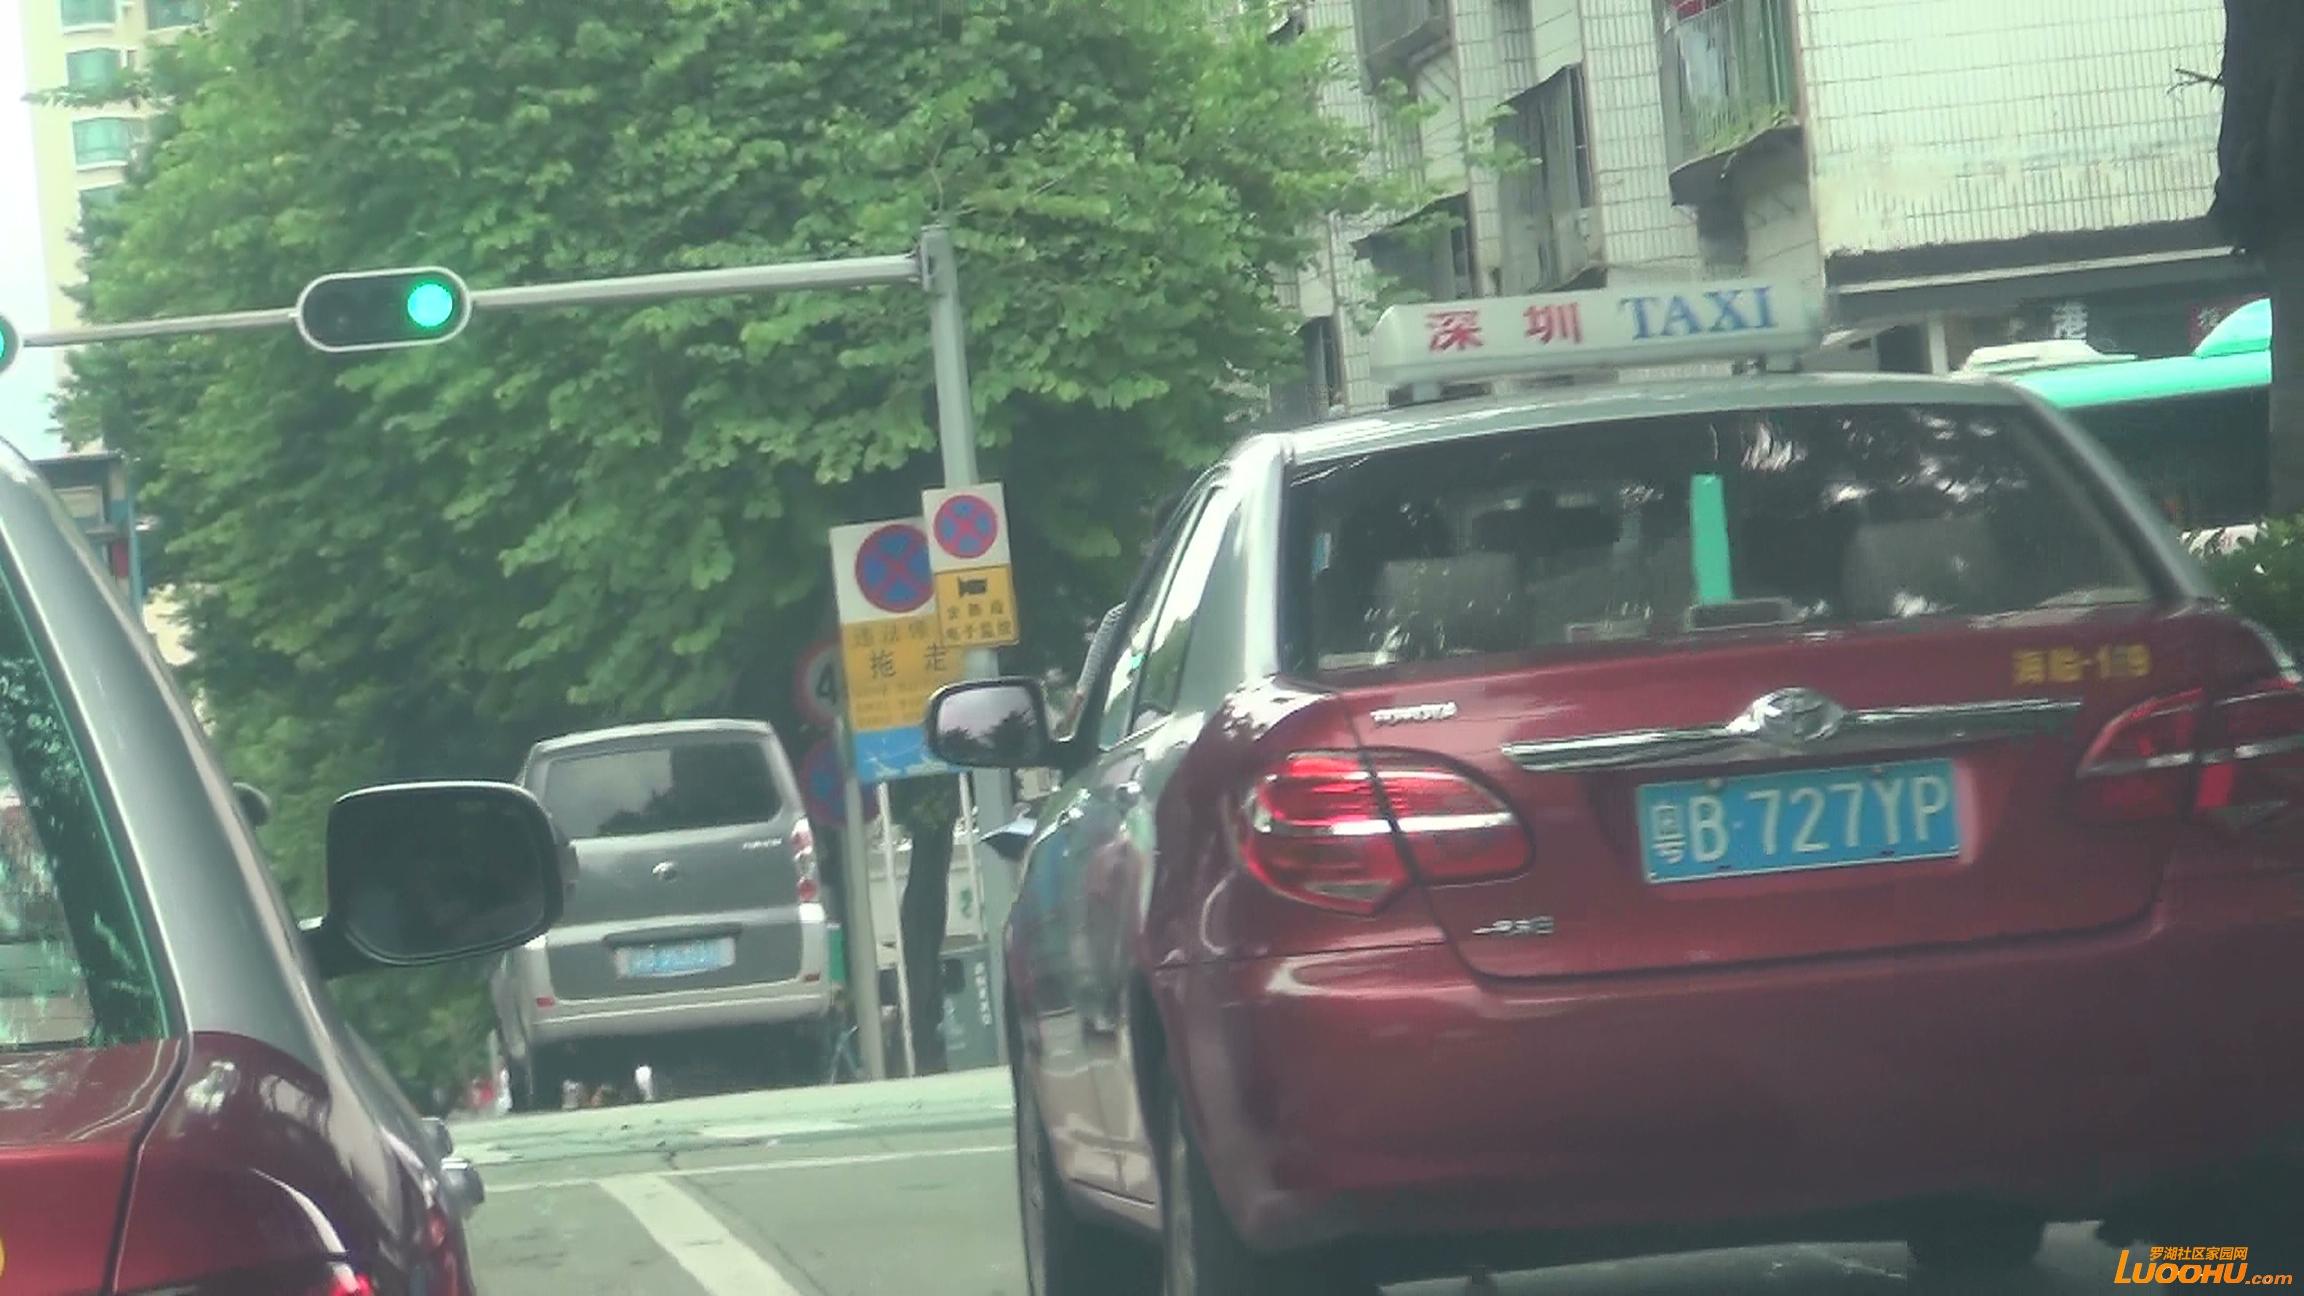 太白路西往东粤B9EM31进入右转车道后直行 (6).jpg